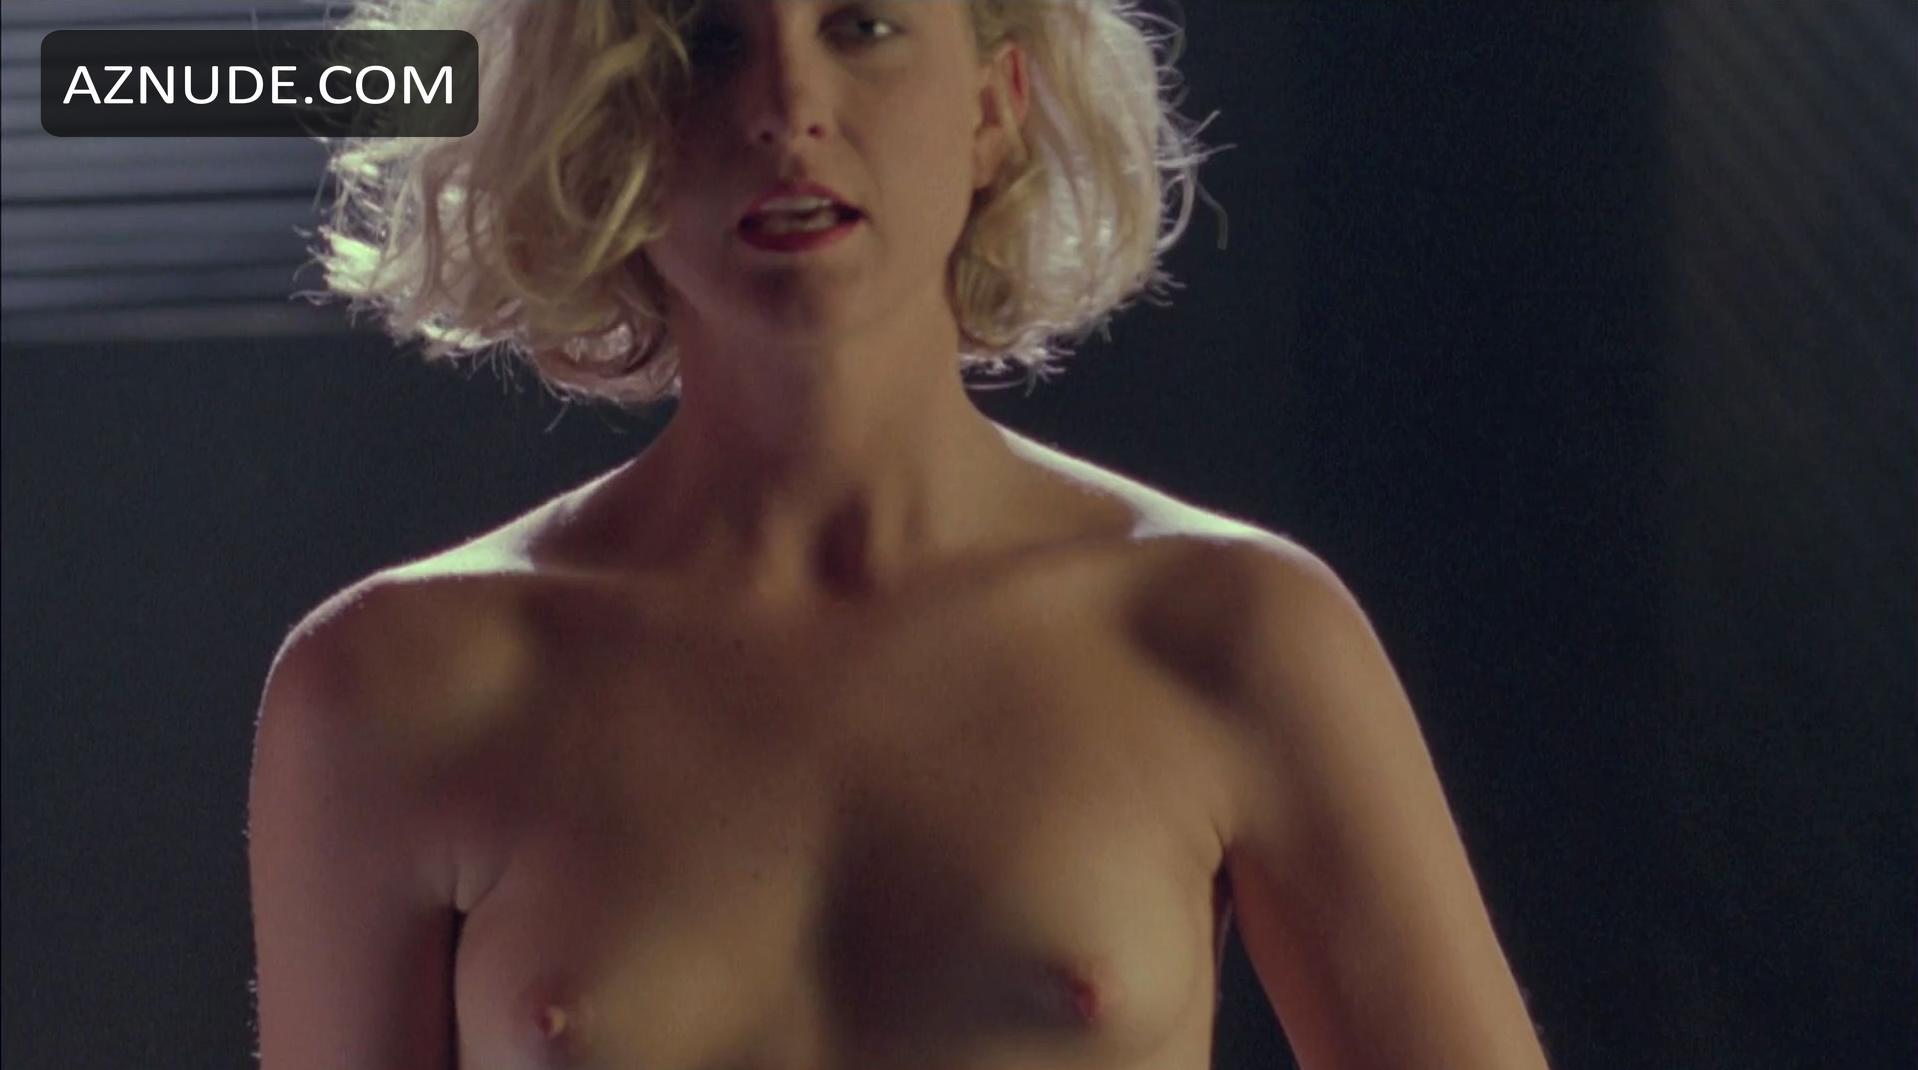 Recident evil alax nude photo pornos photos